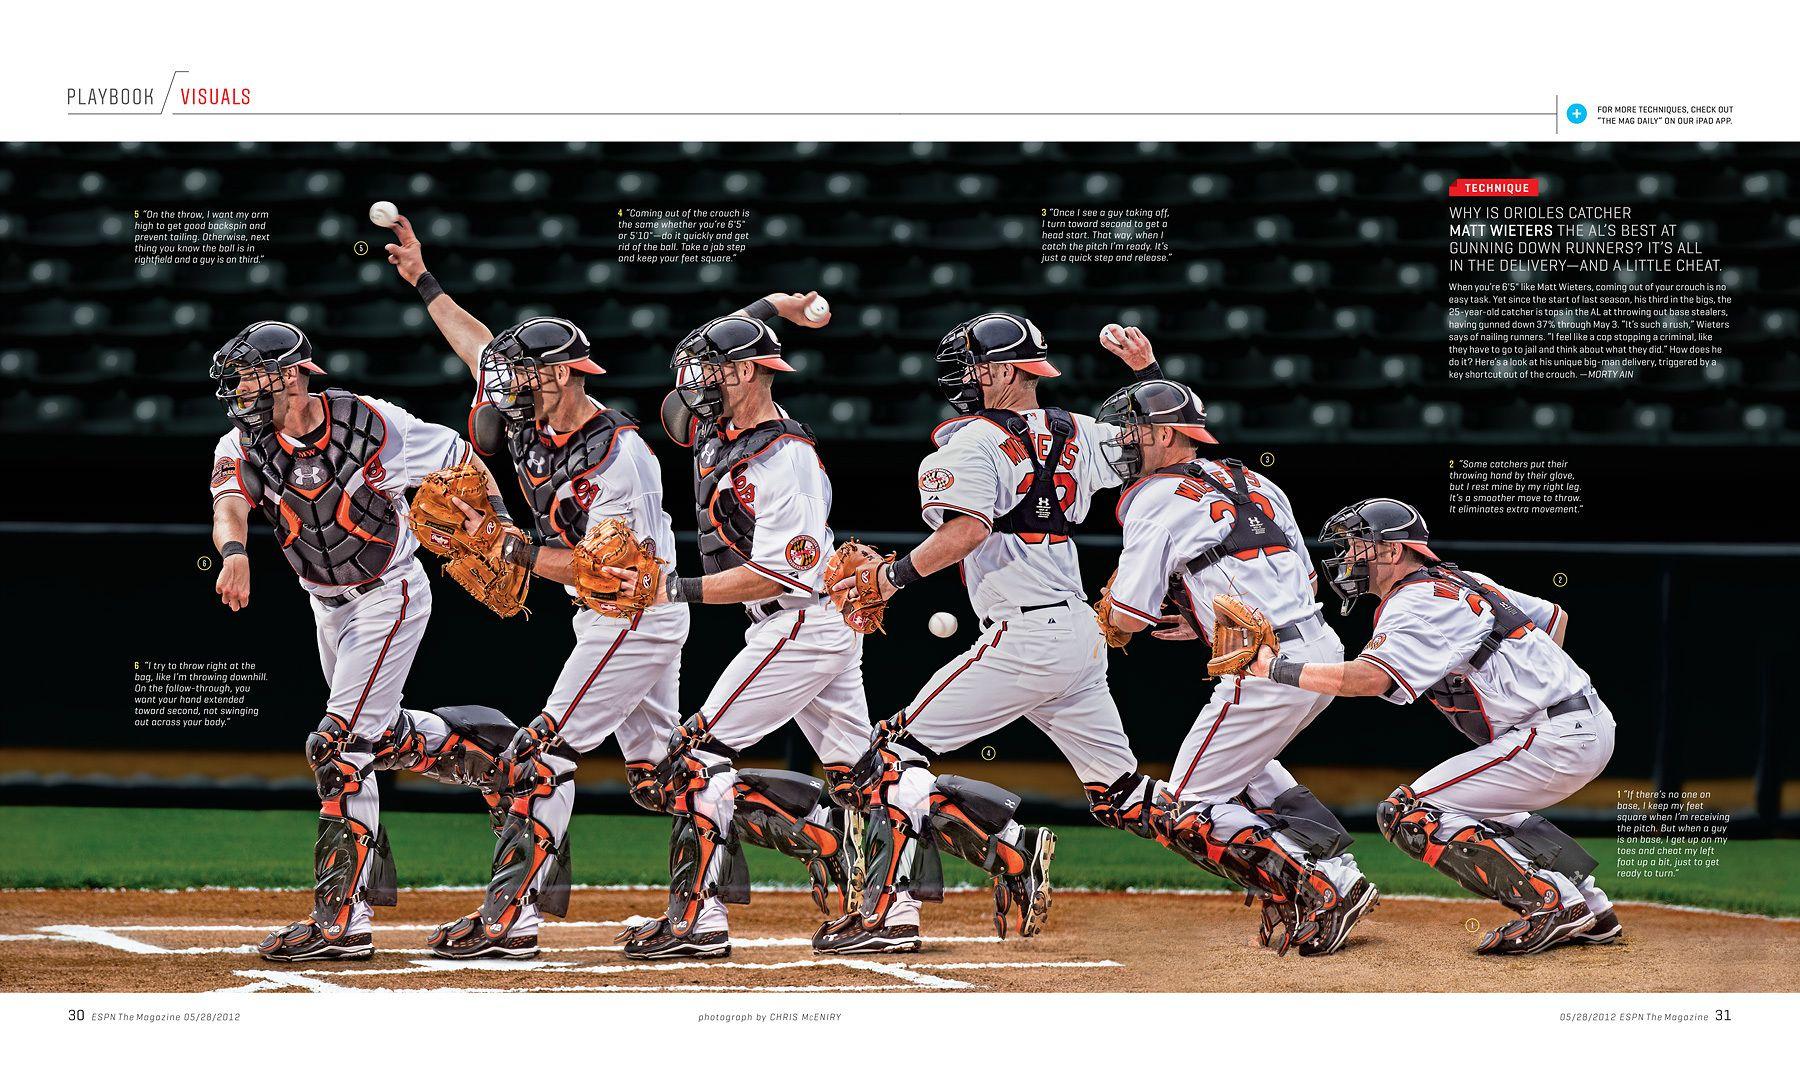 235 1e 052812 030 031 Jpg 1800 1080 Baltimore Orioles Baltimore Orioles Baseball Major League Baseball